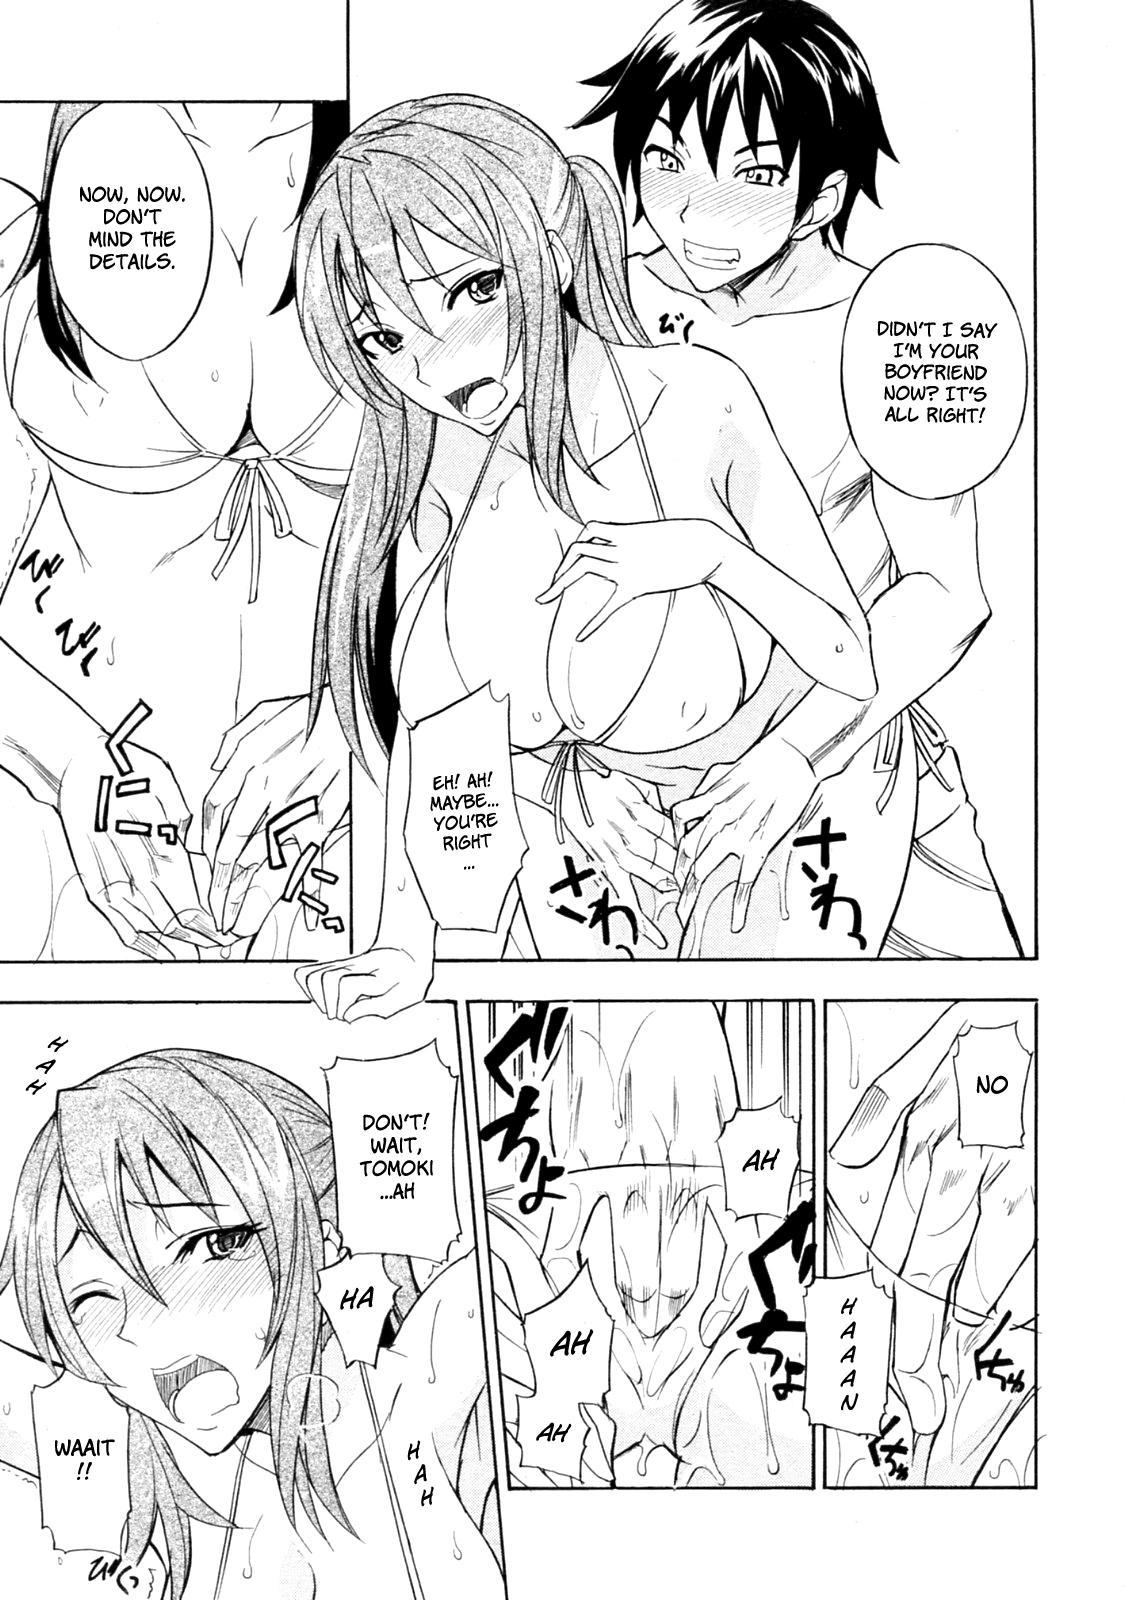 Mizugi to Oneechan! | Swimsuit and Onee-chan! 8